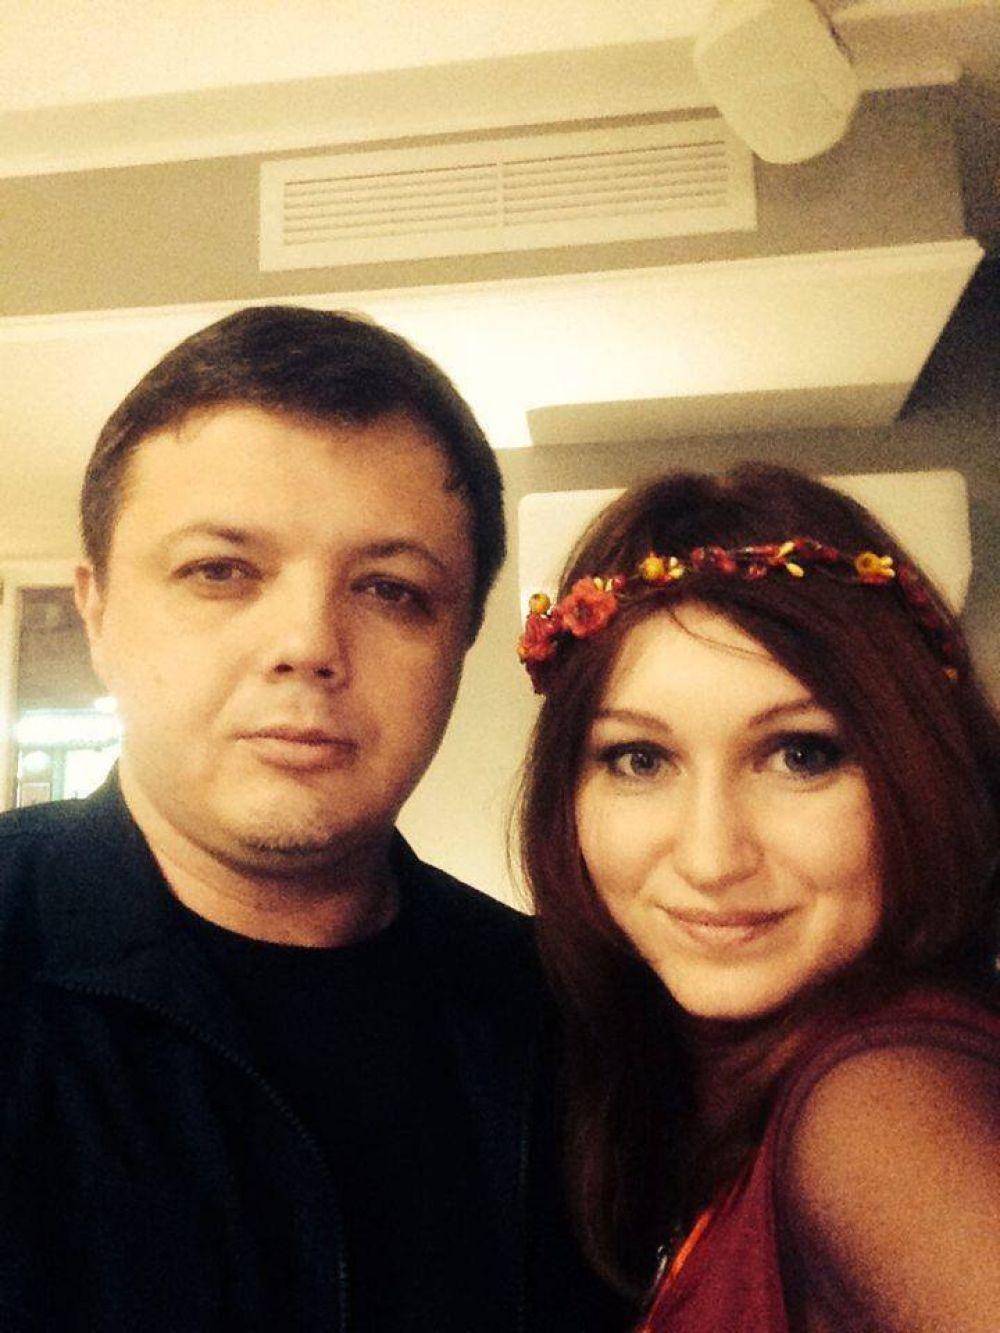 Единственное фото народного депутата Семена Семенченко, где он вместе со своей супругой